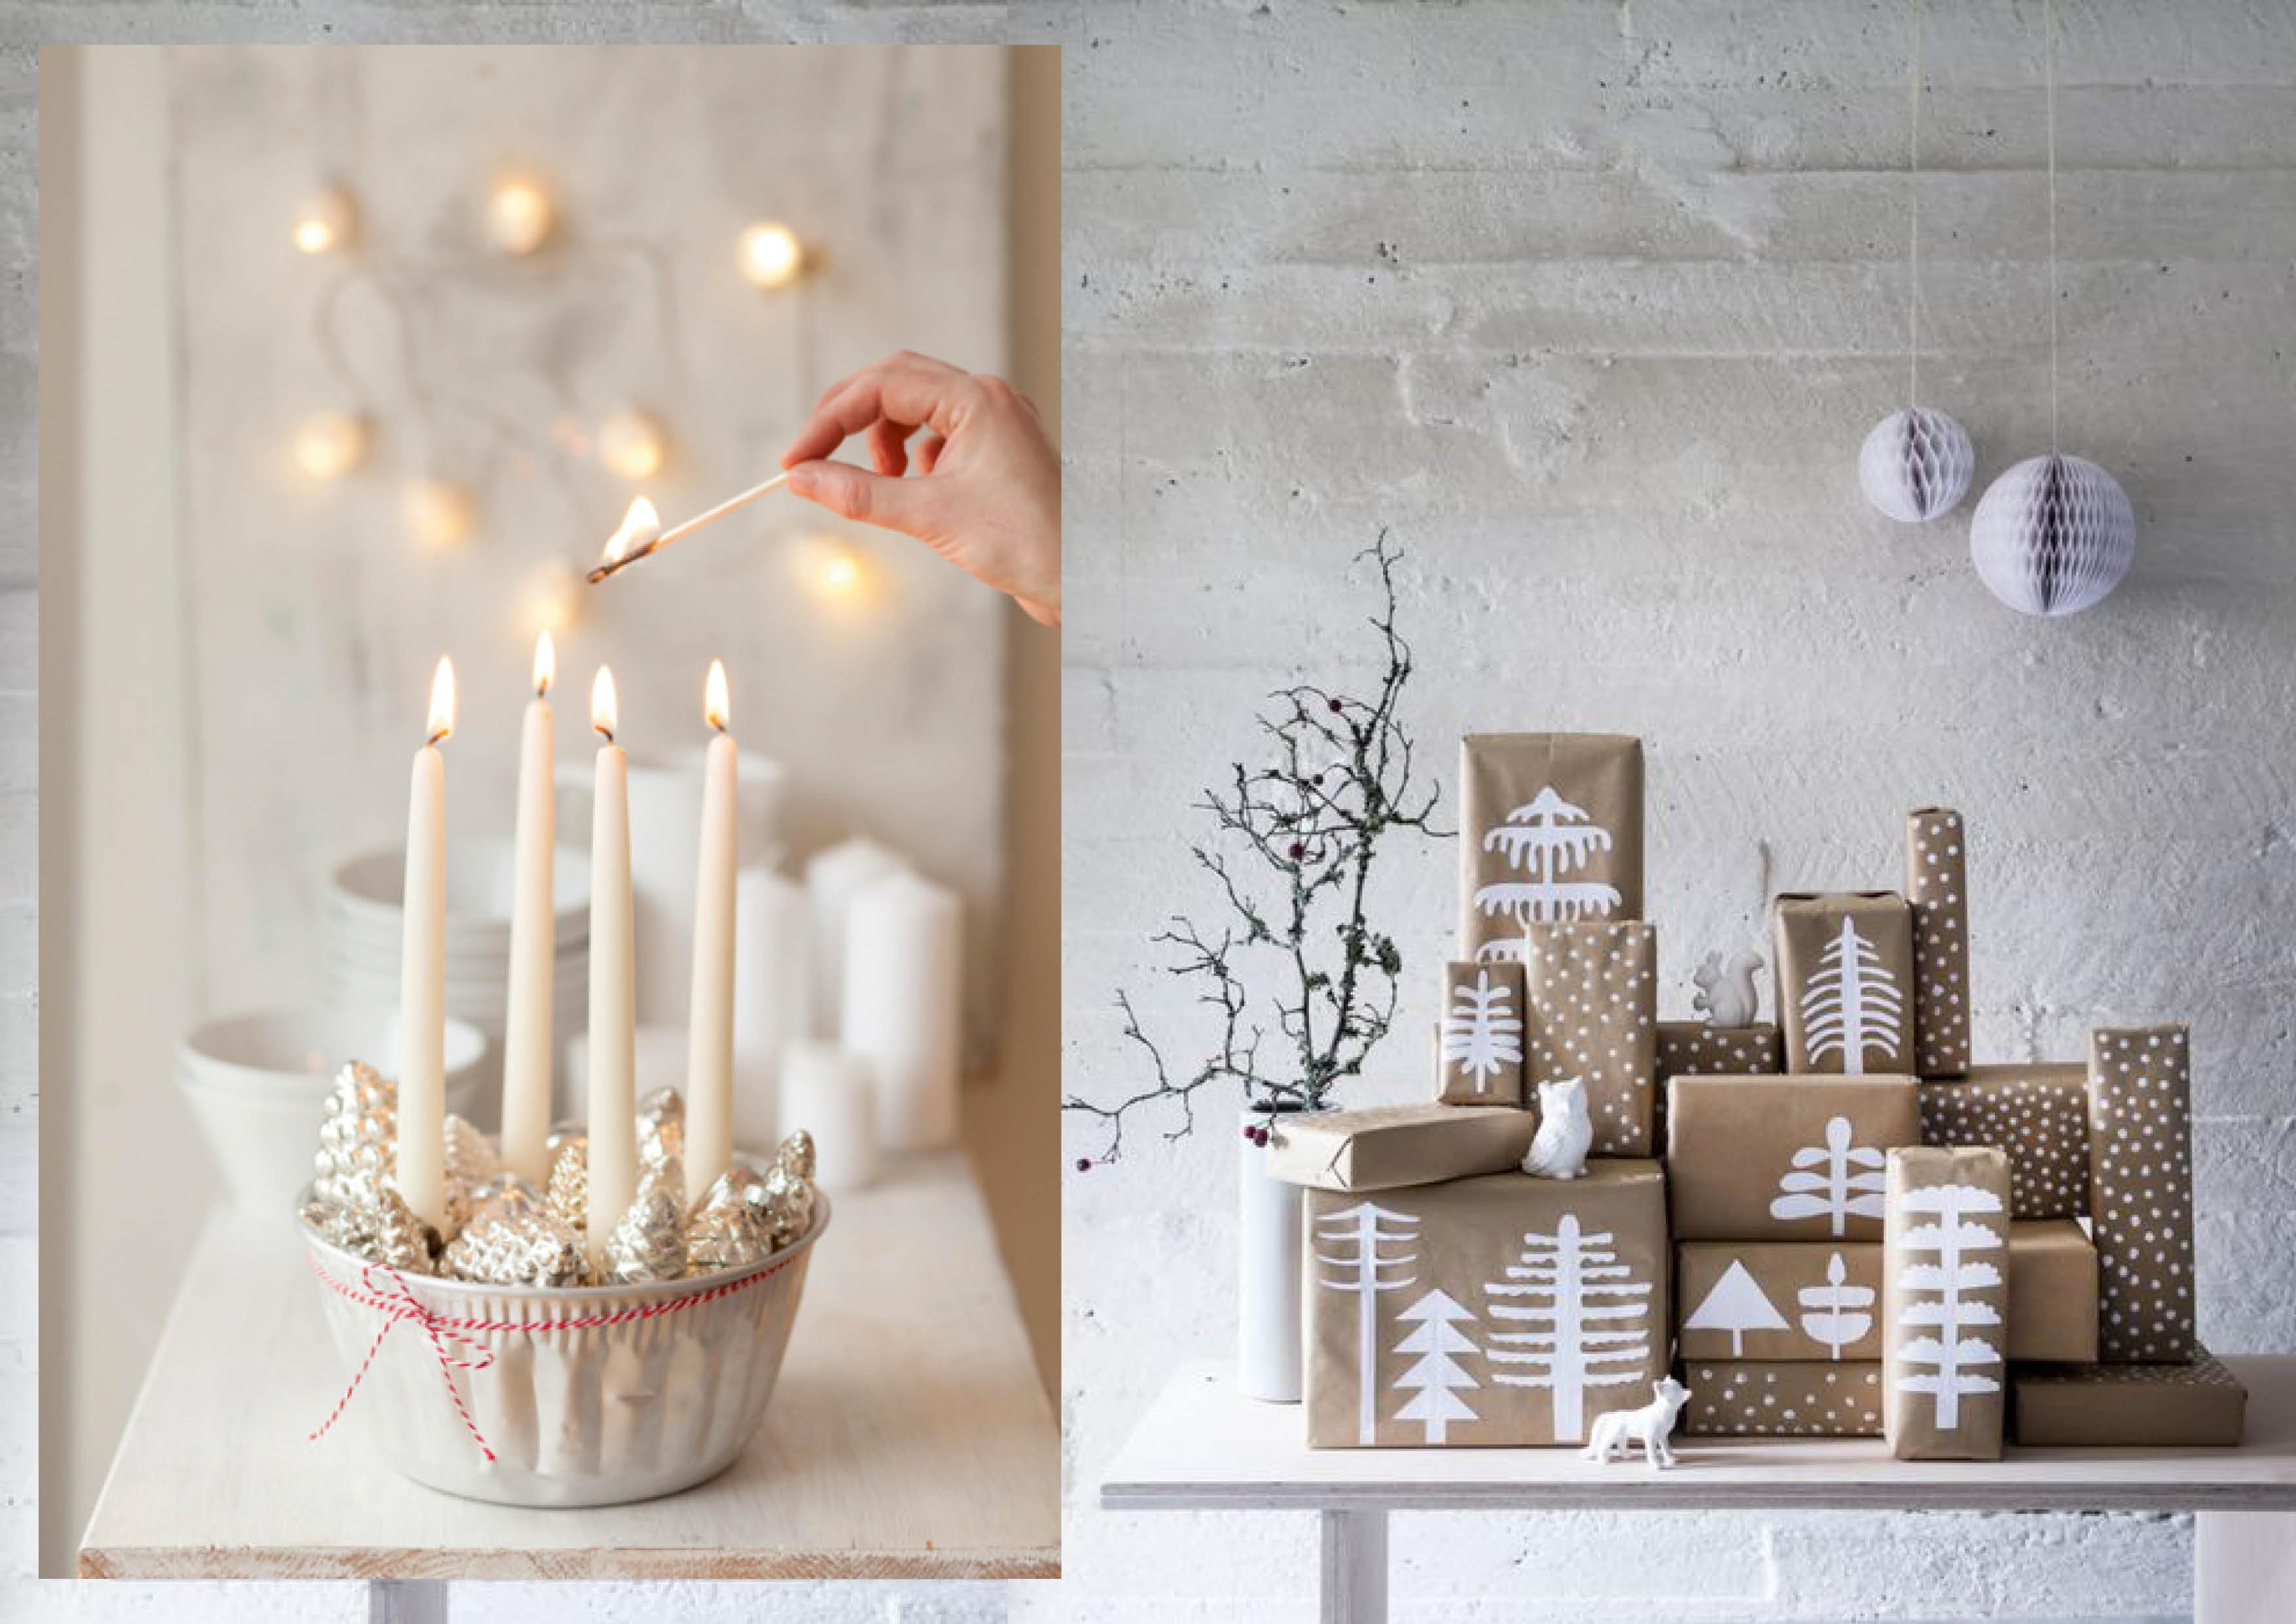 100 Weihnachtsgeschenke: Teil I | Sweet Home